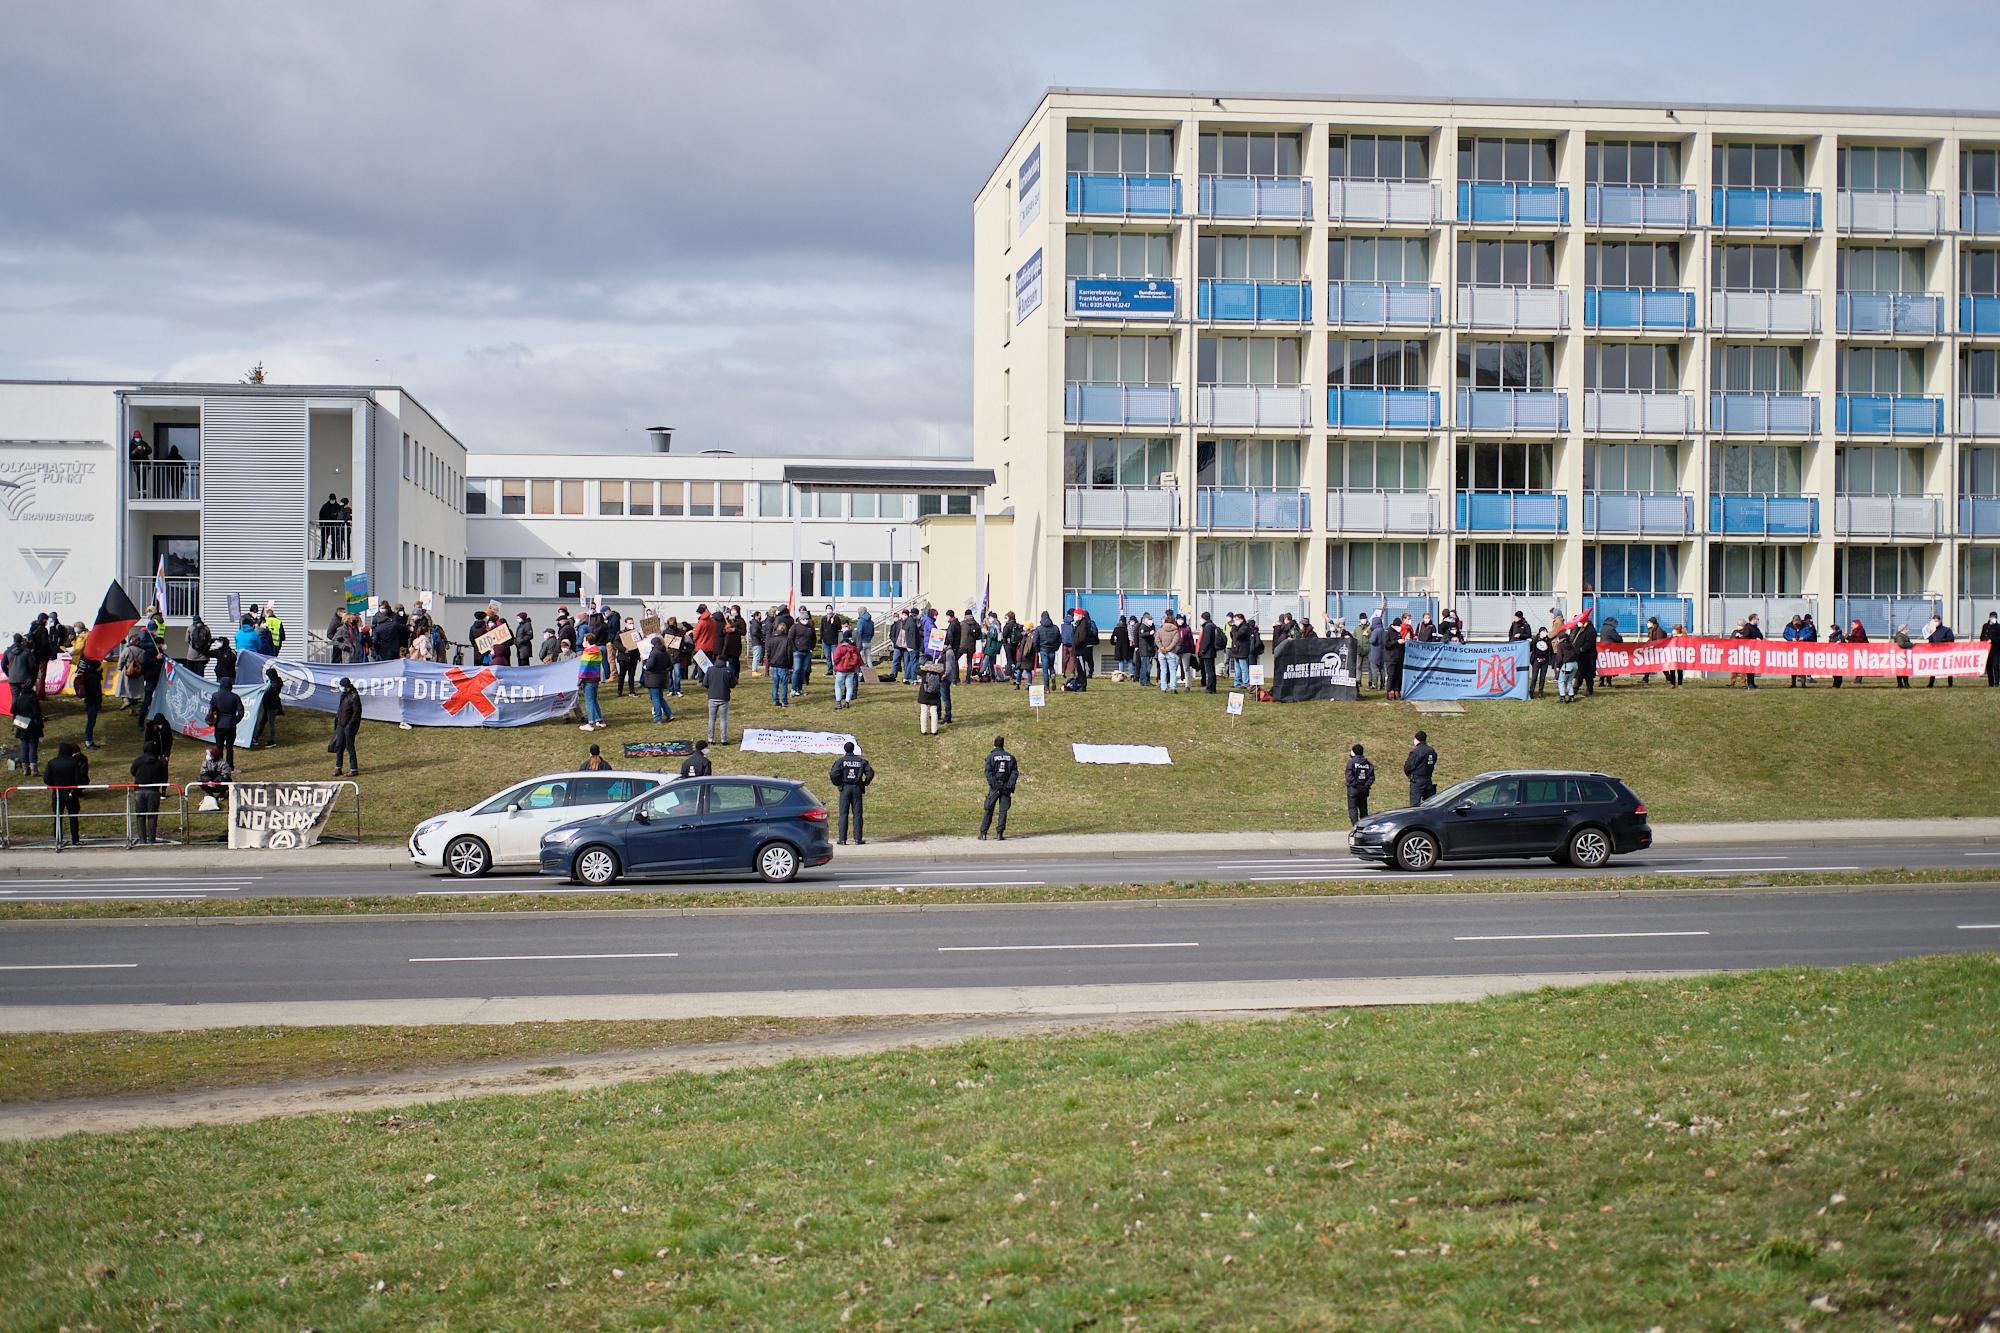 Bild der Kundgebung